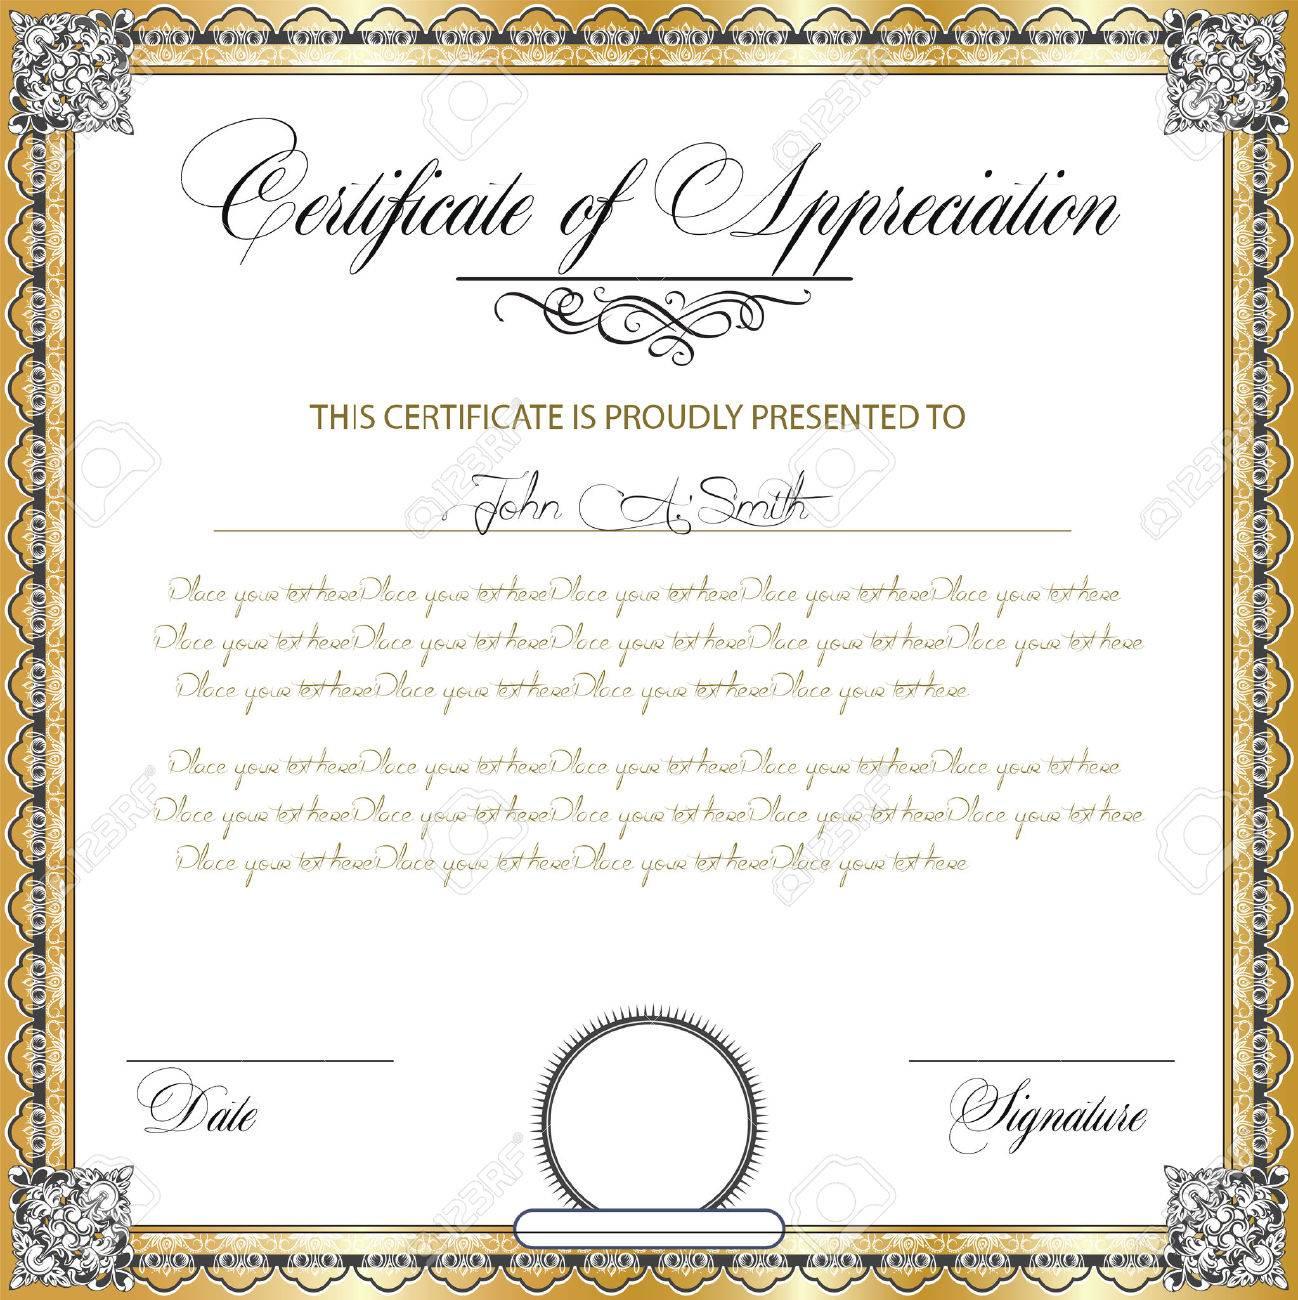 Certificado De La Vendimia De Apreciación Con Diseño Adornado ...